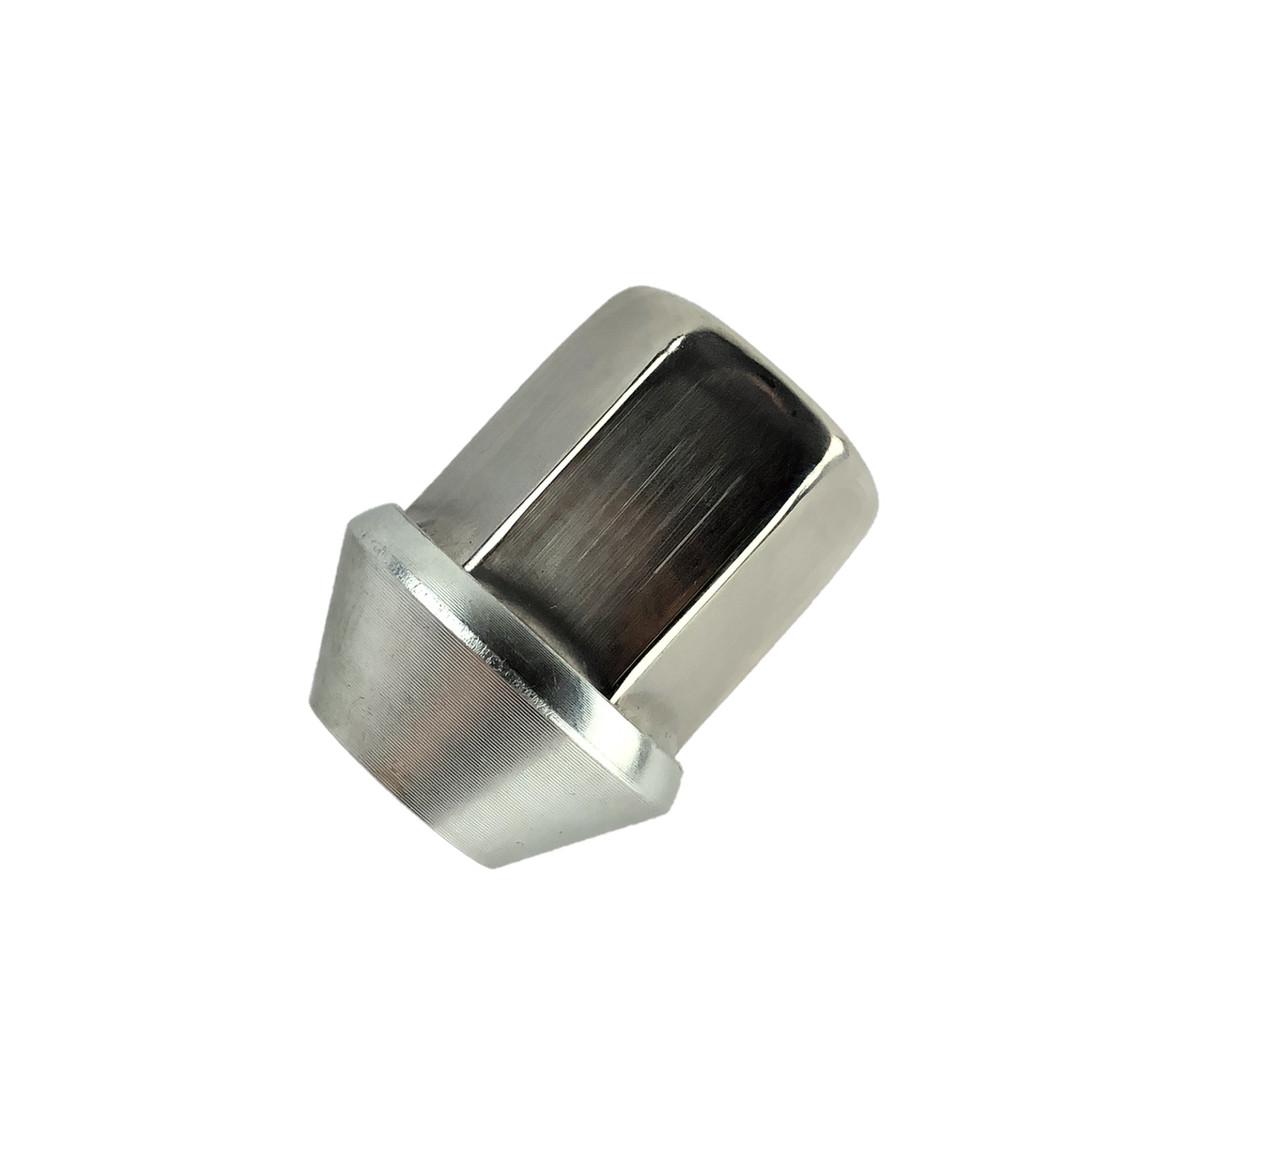 Lug Nut - LR001381